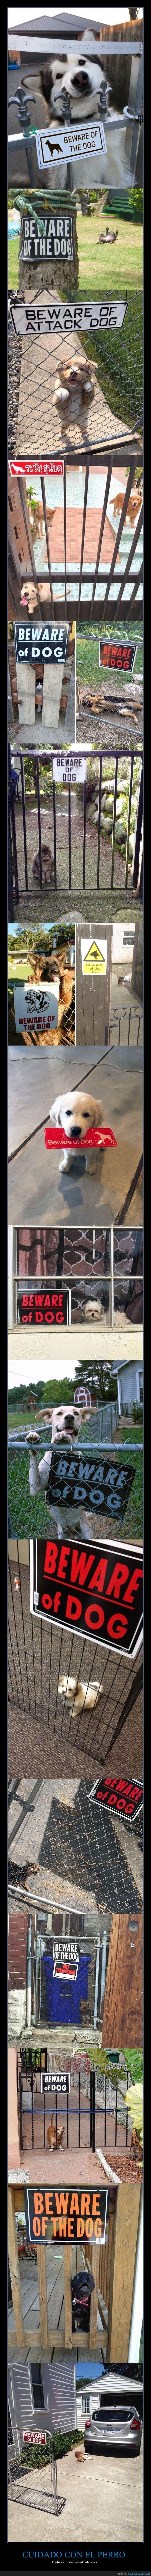 cuidado con el perro,perros,señales